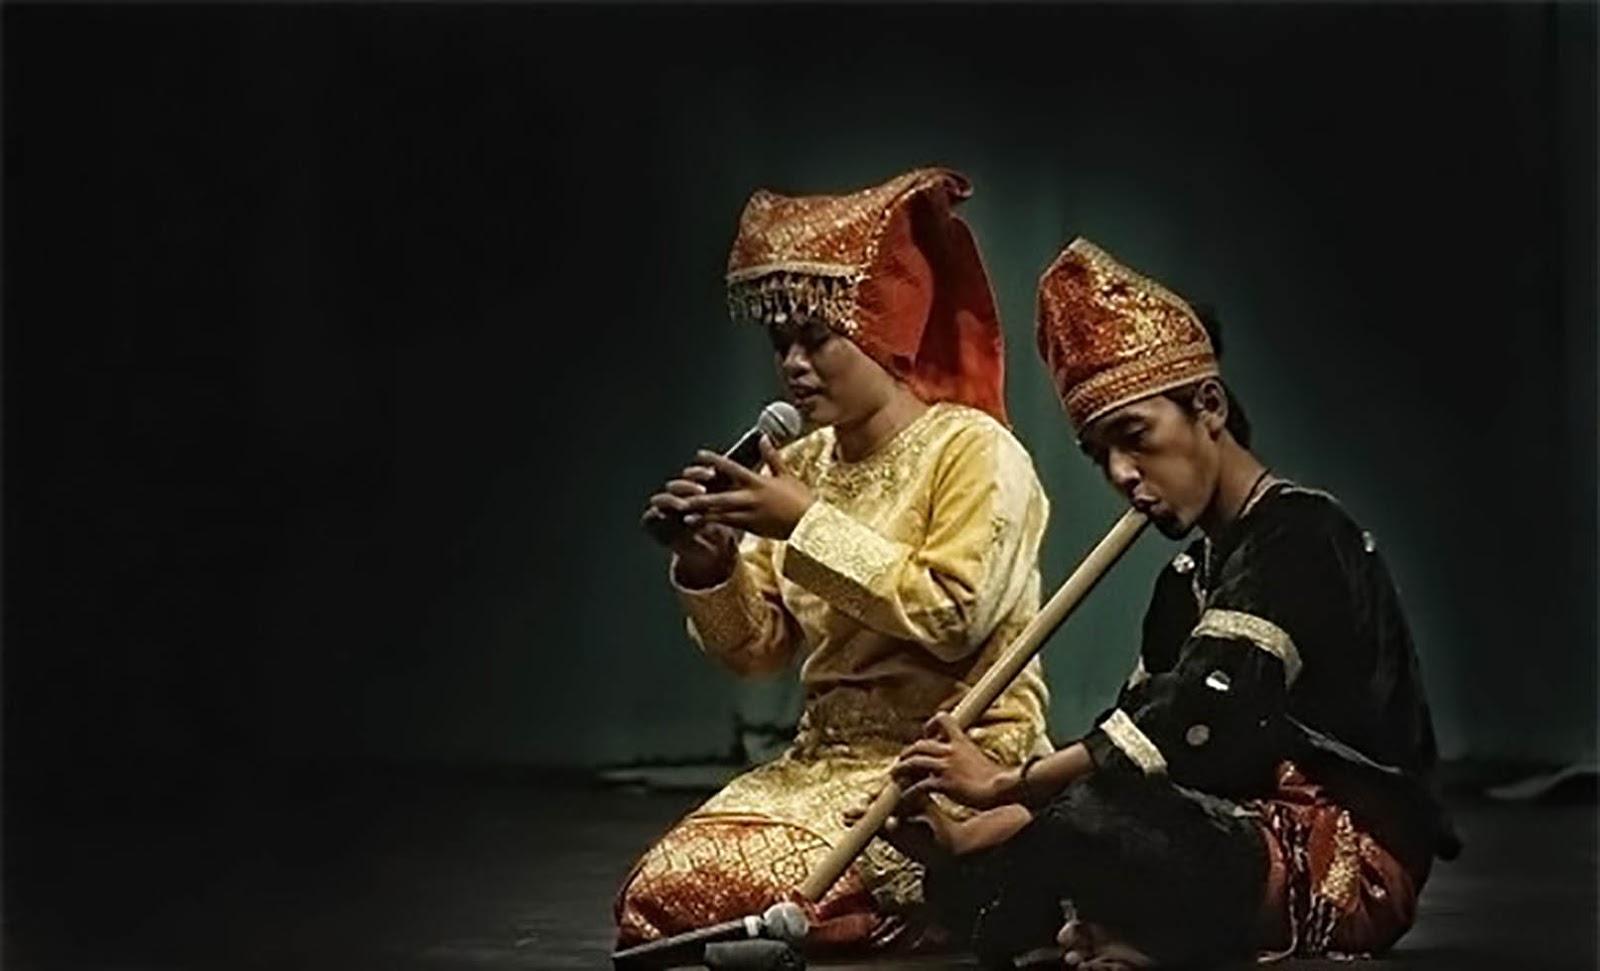 Saluang, Alat Musik Tradisional Khas Minangkabau